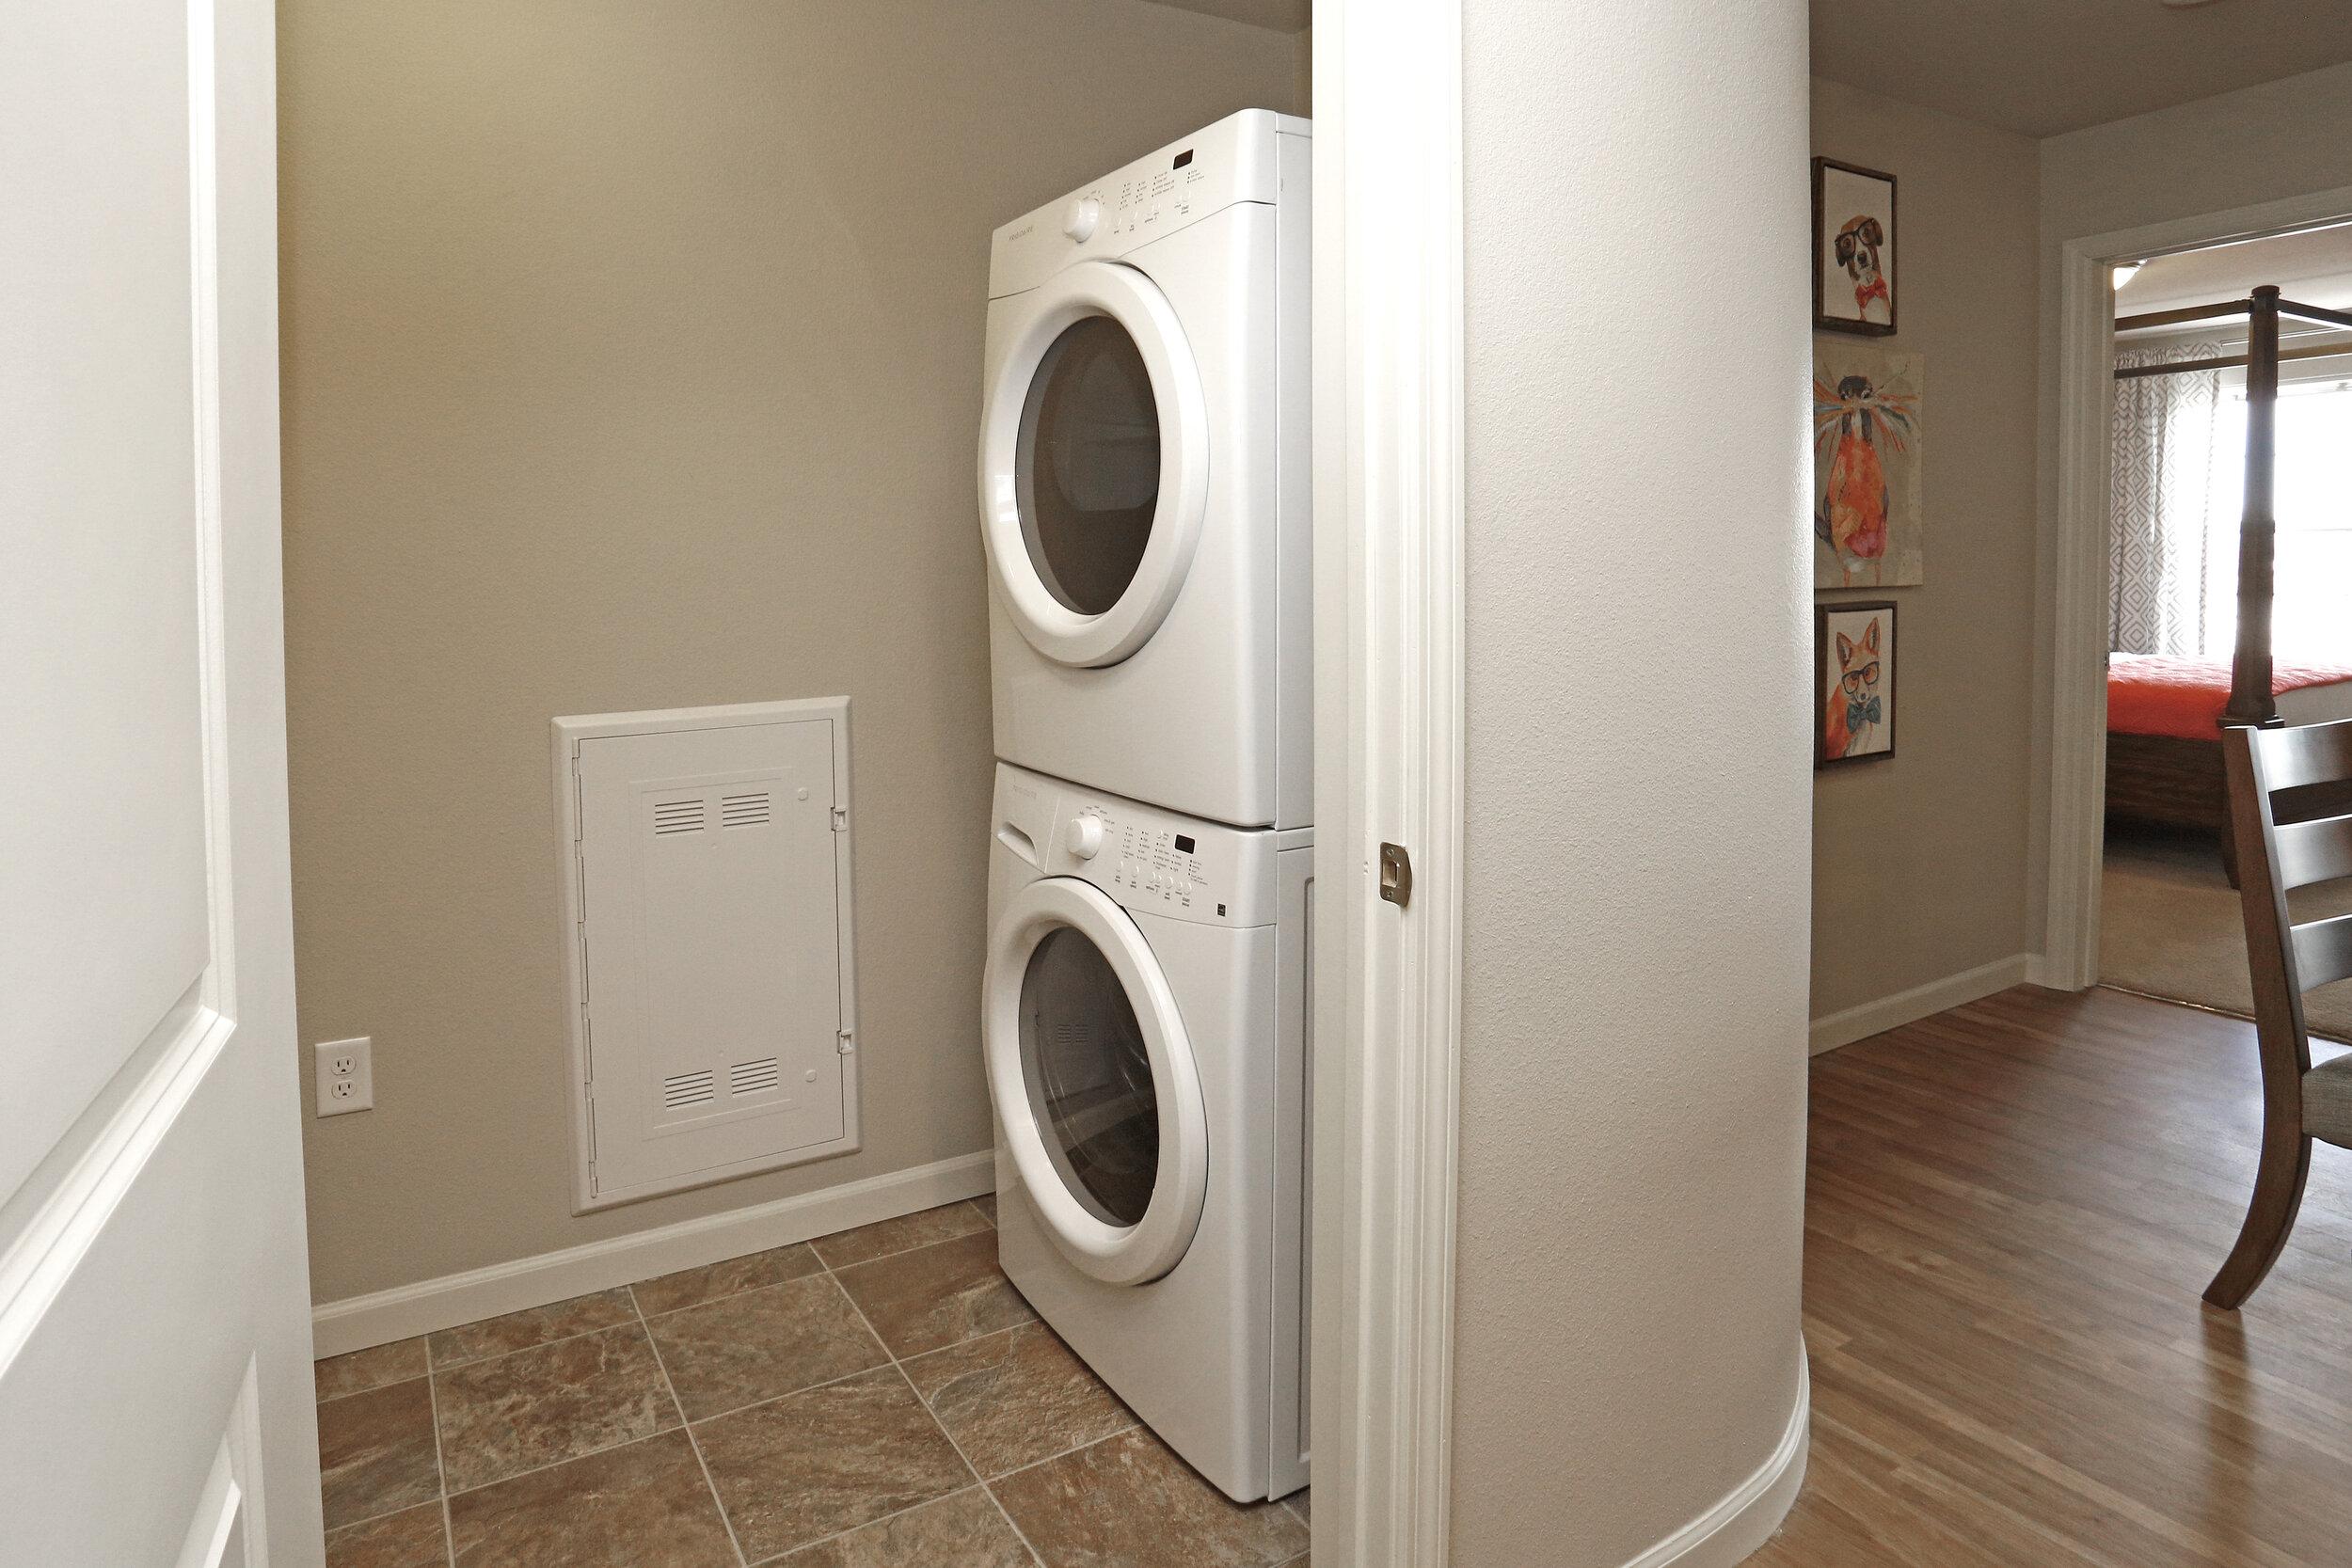 06 In-Unit Washer & Dryer.jpg